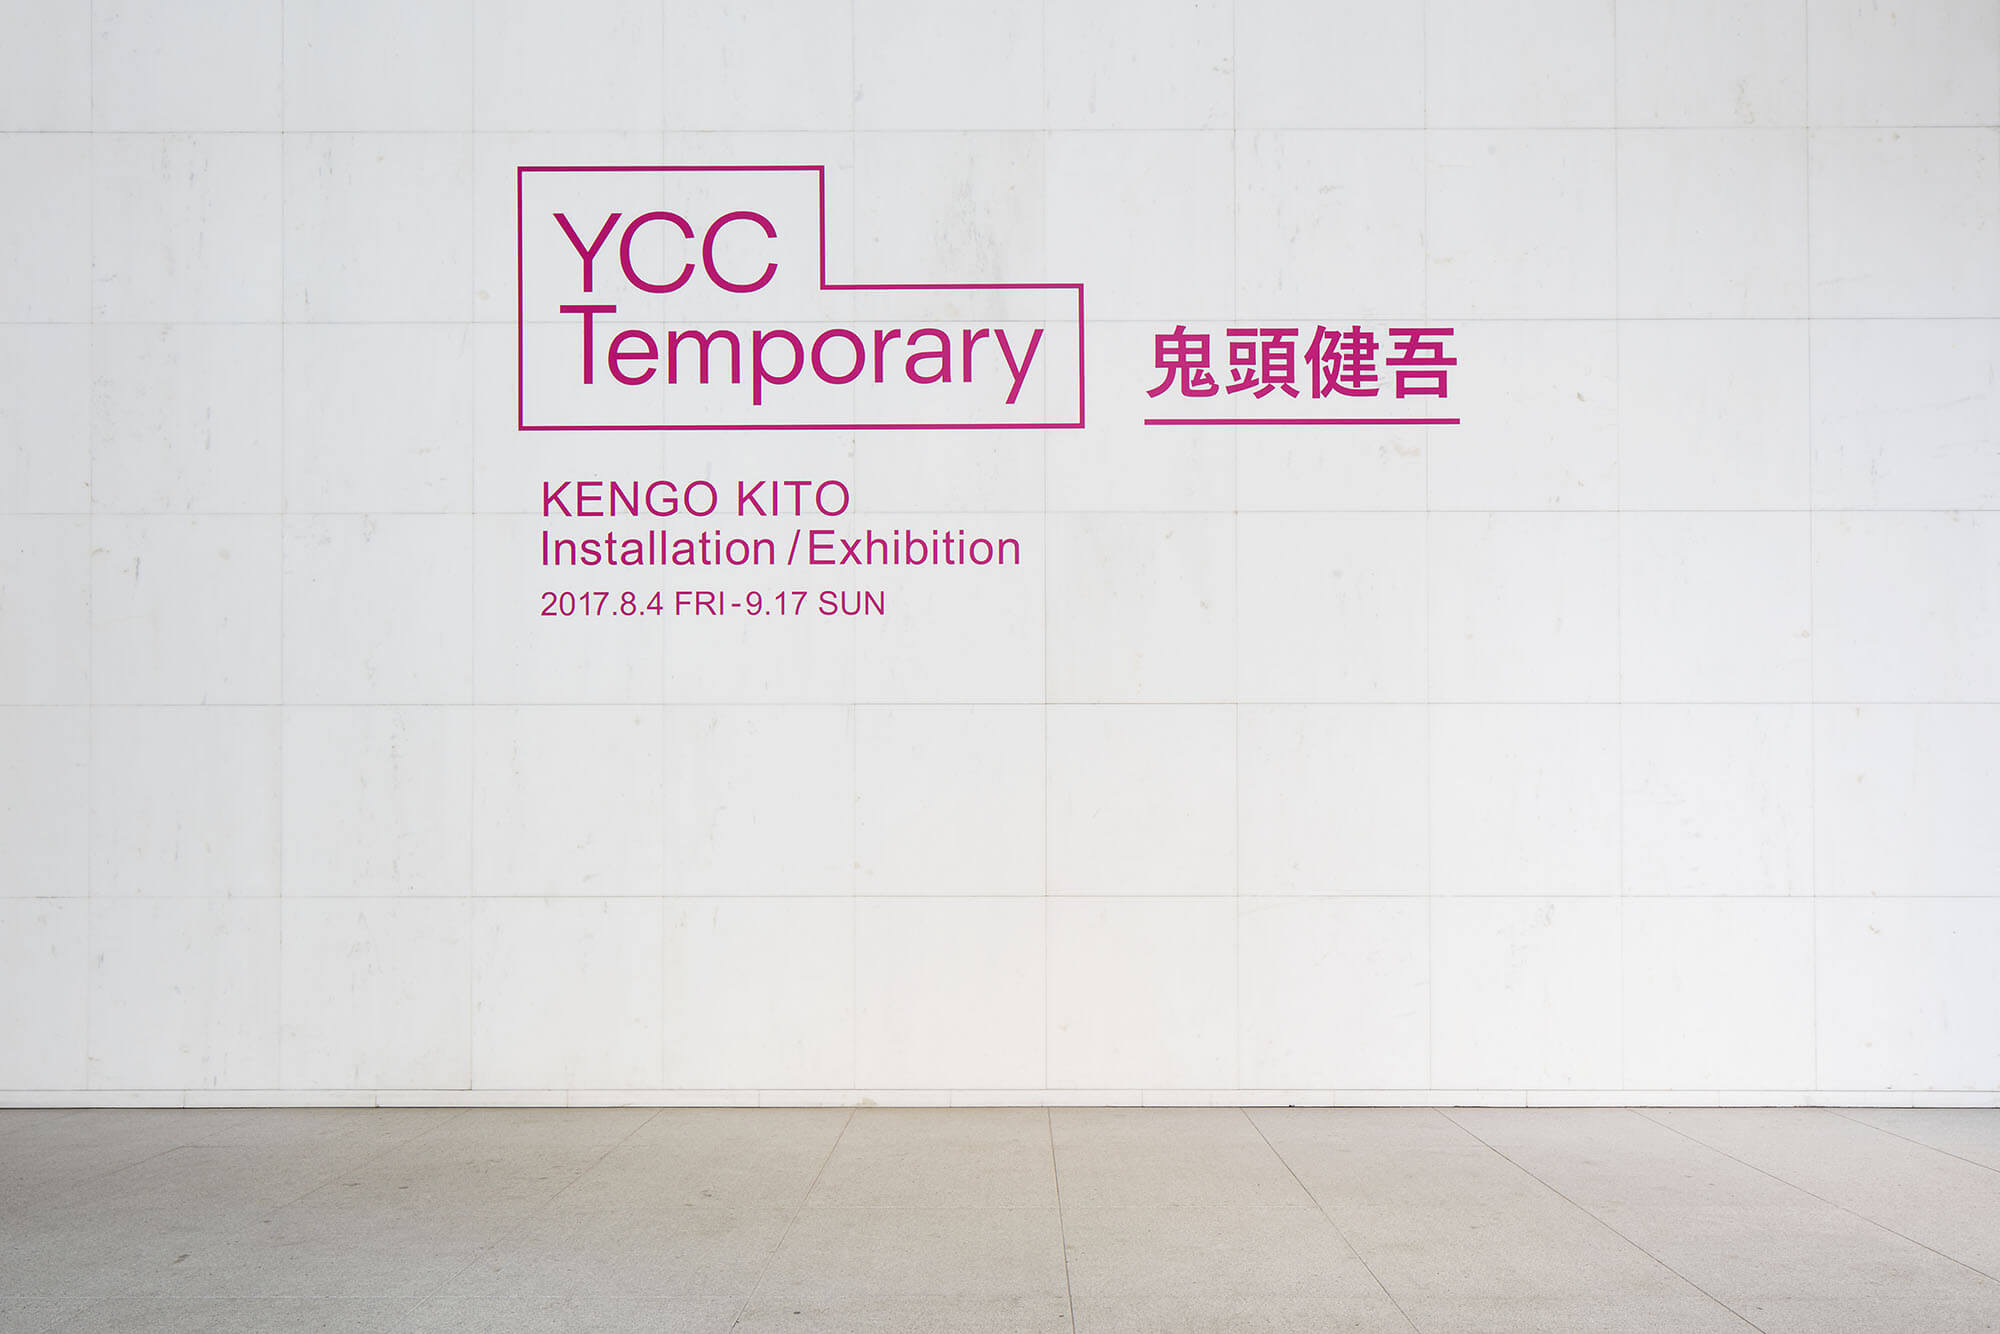 YCC Temporary 鬼頭健吾|offsociety inc. YCC Temporary Kengo Kito 現代美術・アート Contemporary Art